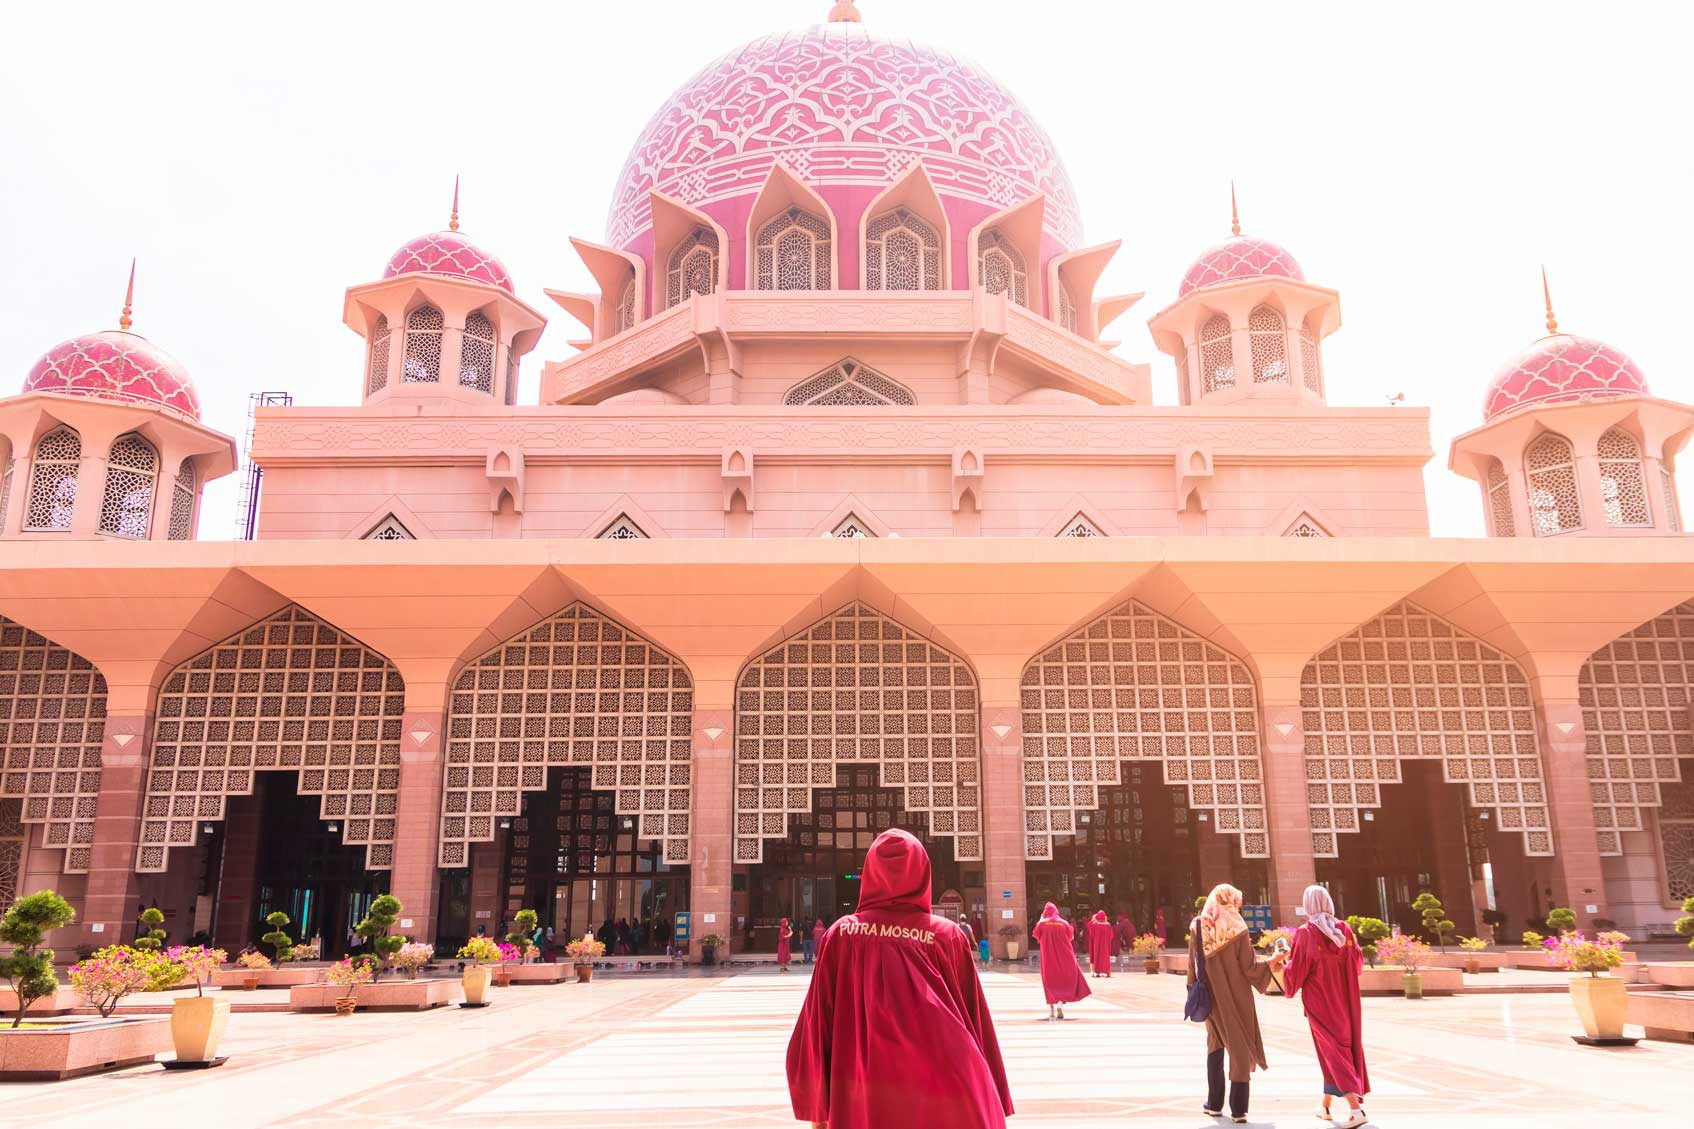 буддийский храм Теан Хоу Темпль Куала-Лумпур